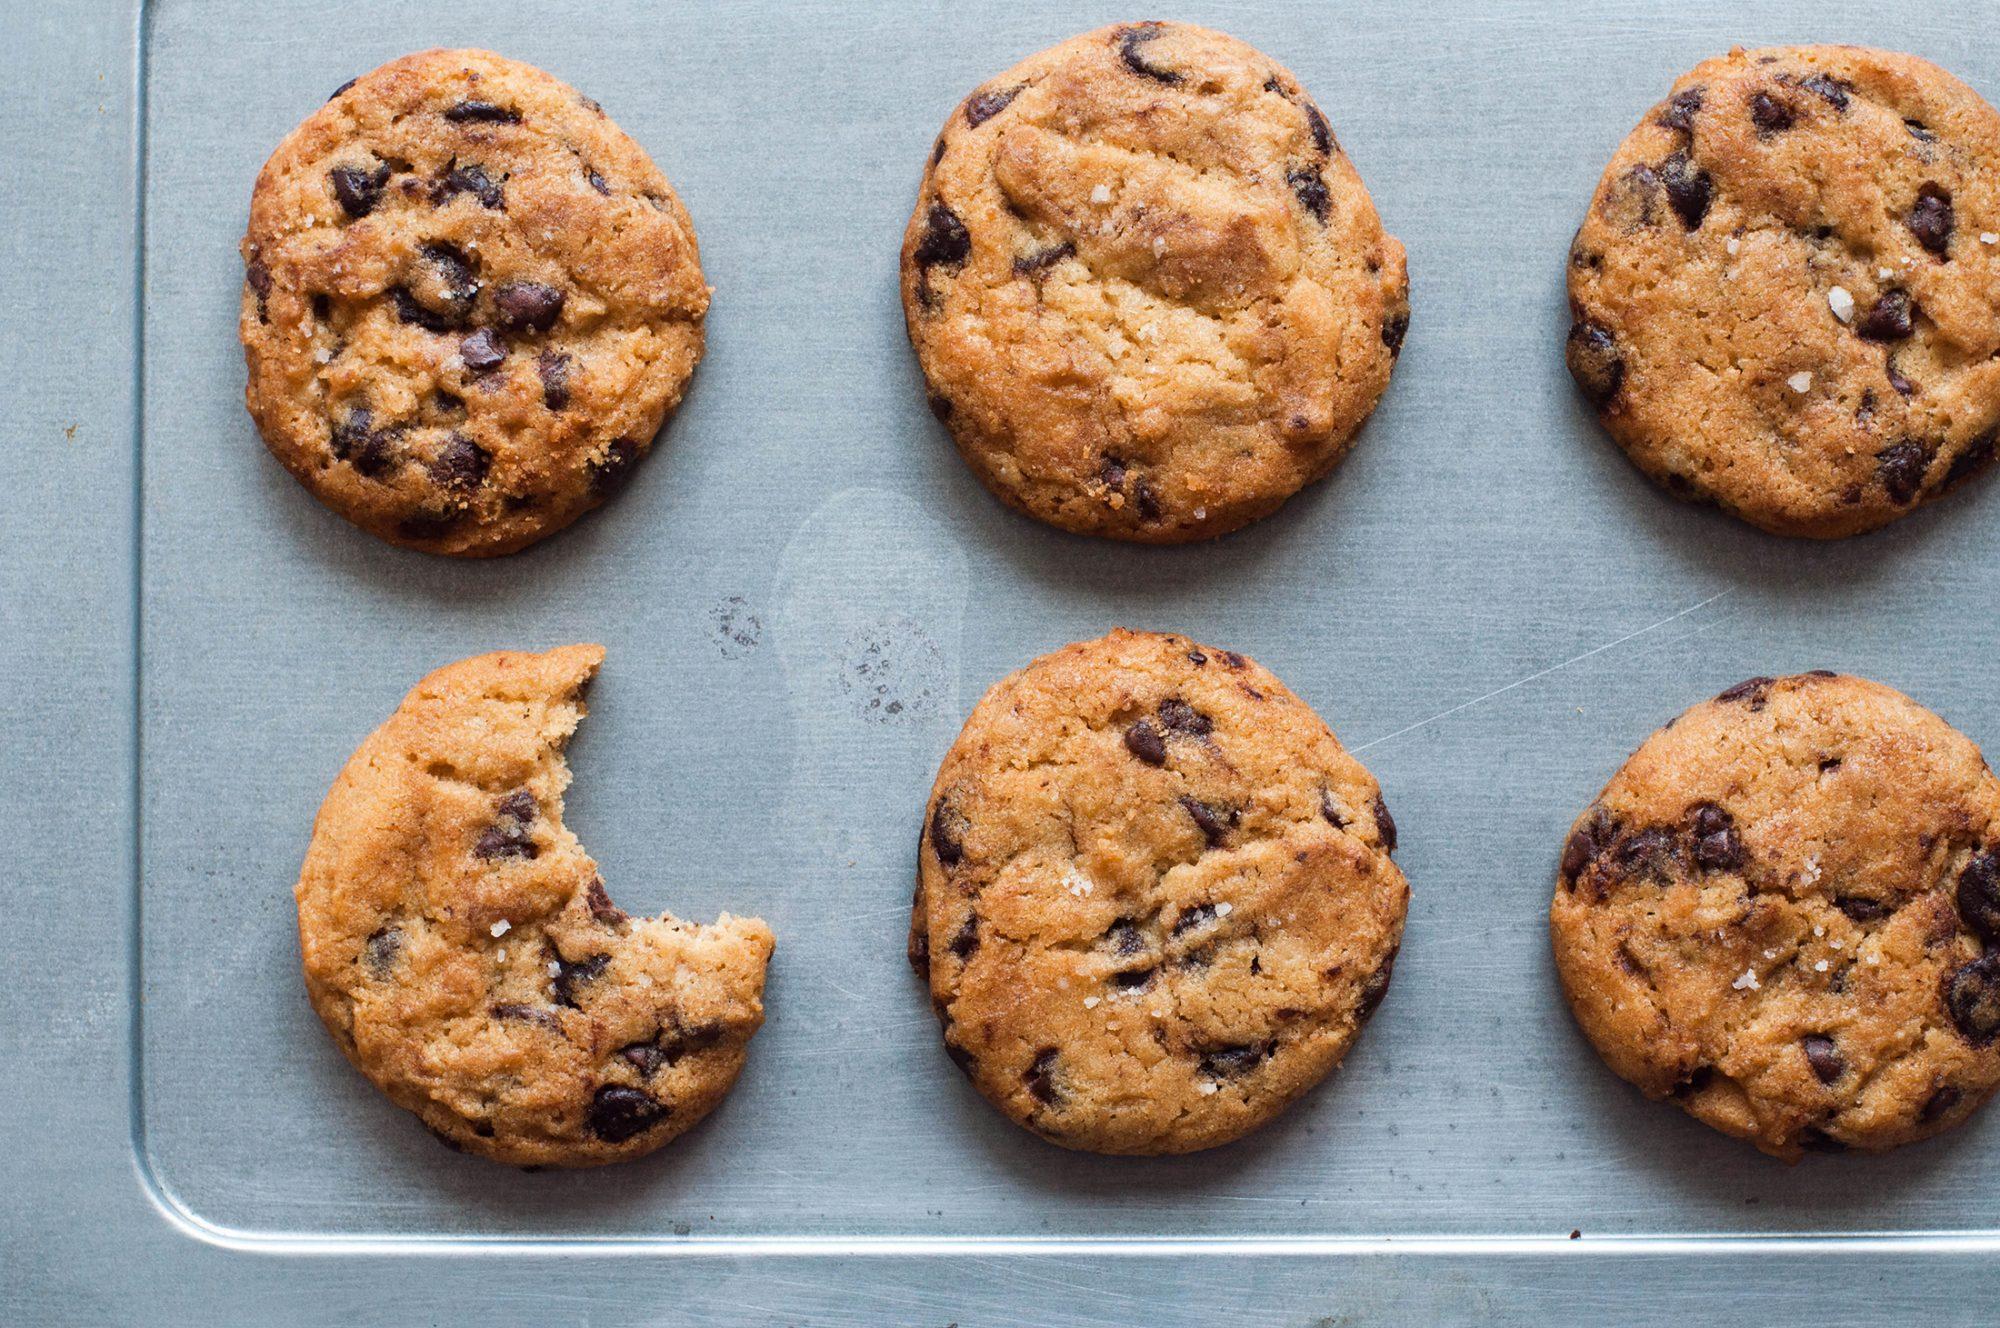 cookies-sheet-1220599530.jpg